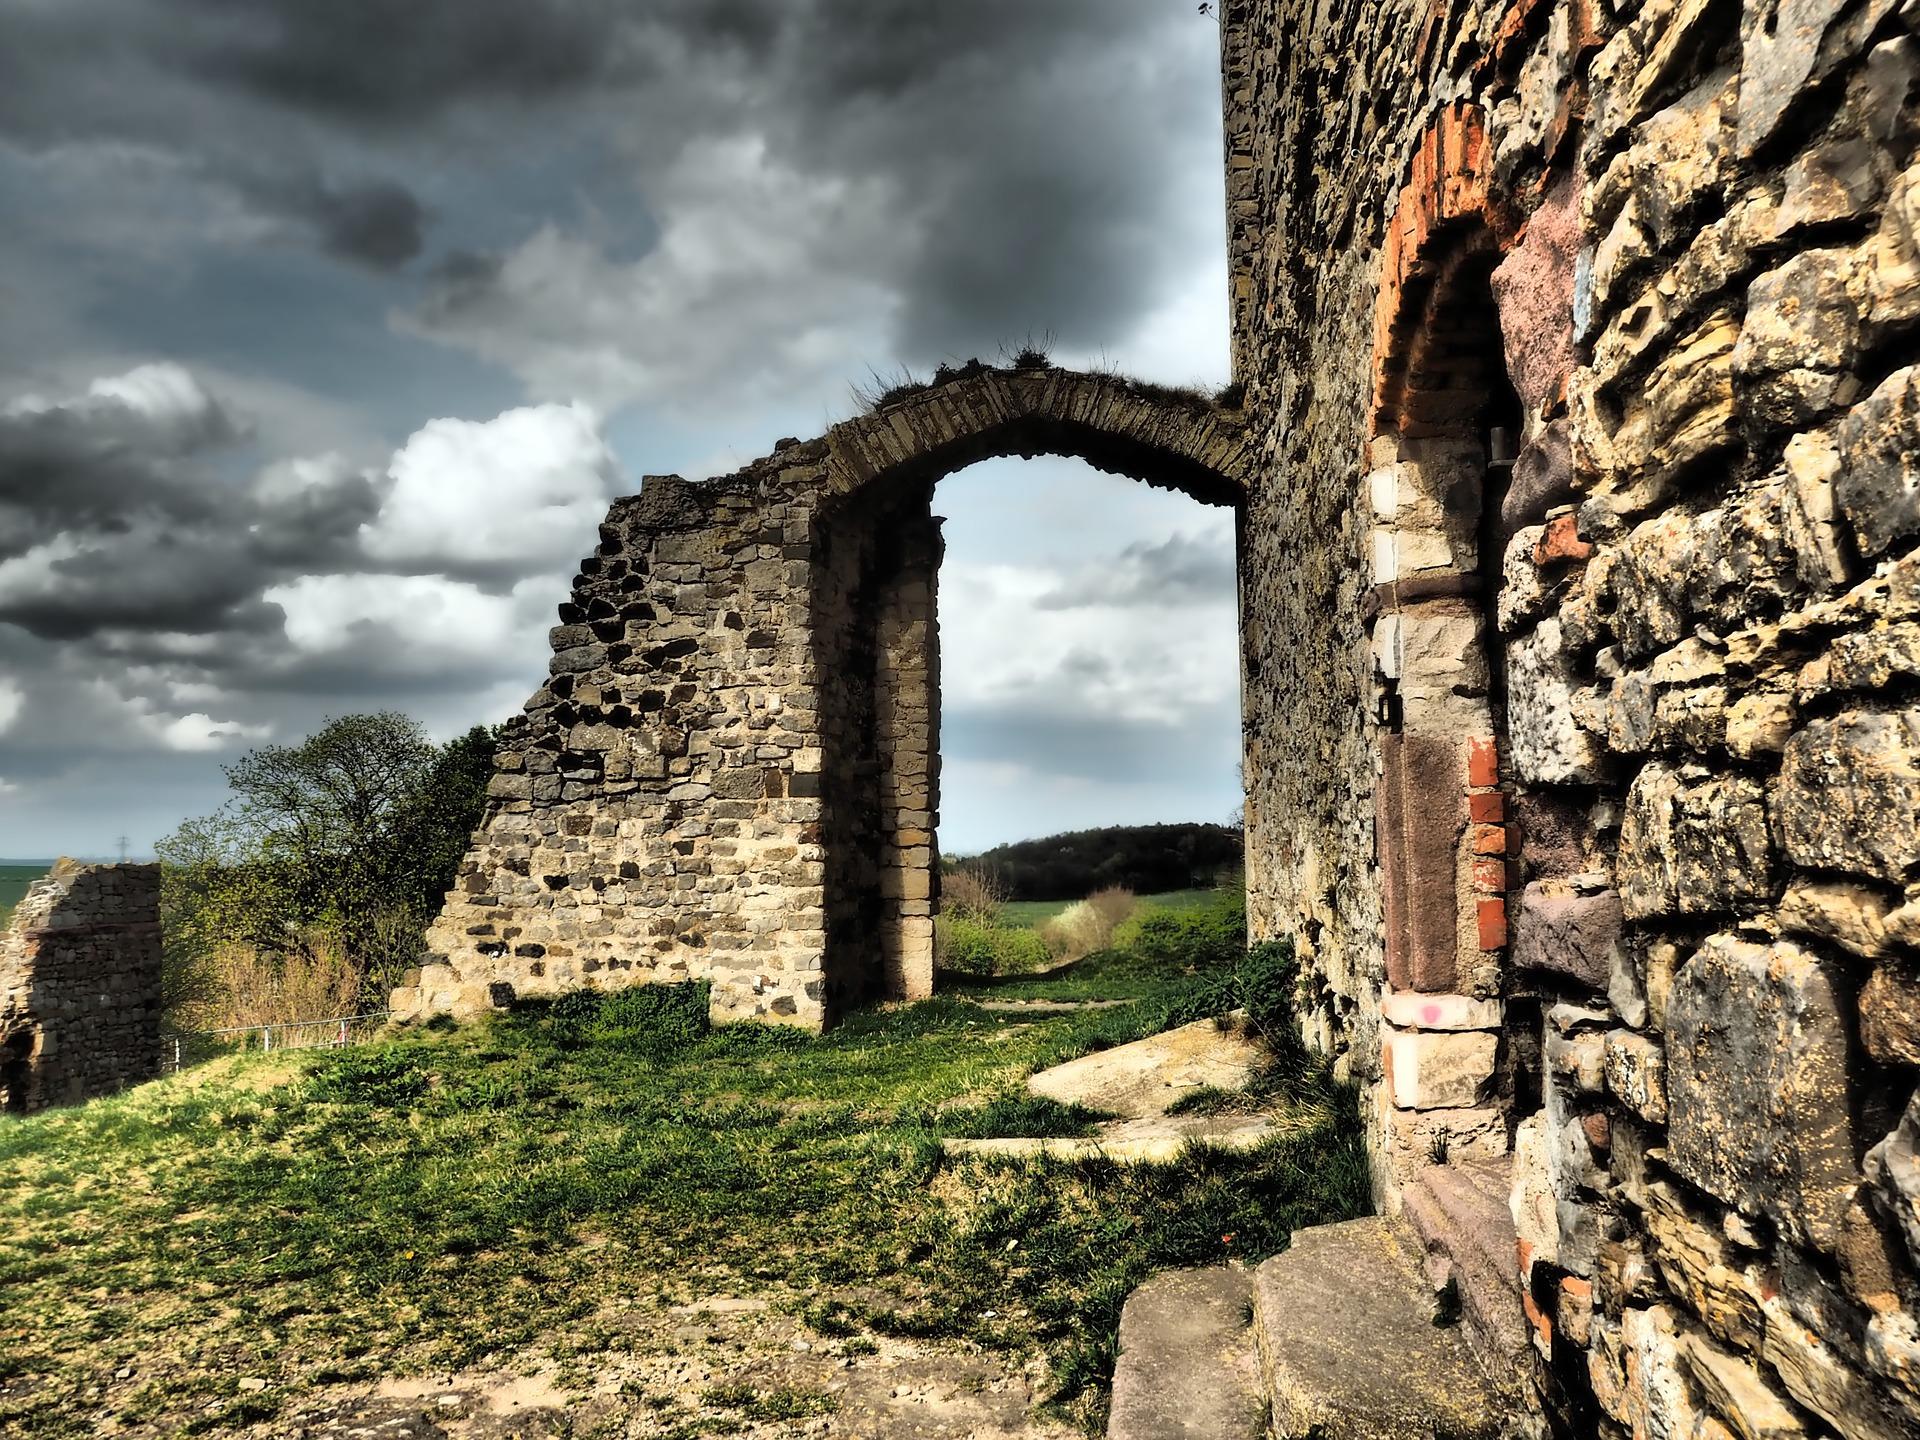 Old Castle, Abandoned, Architecture, Building, Castle, HQ Photo